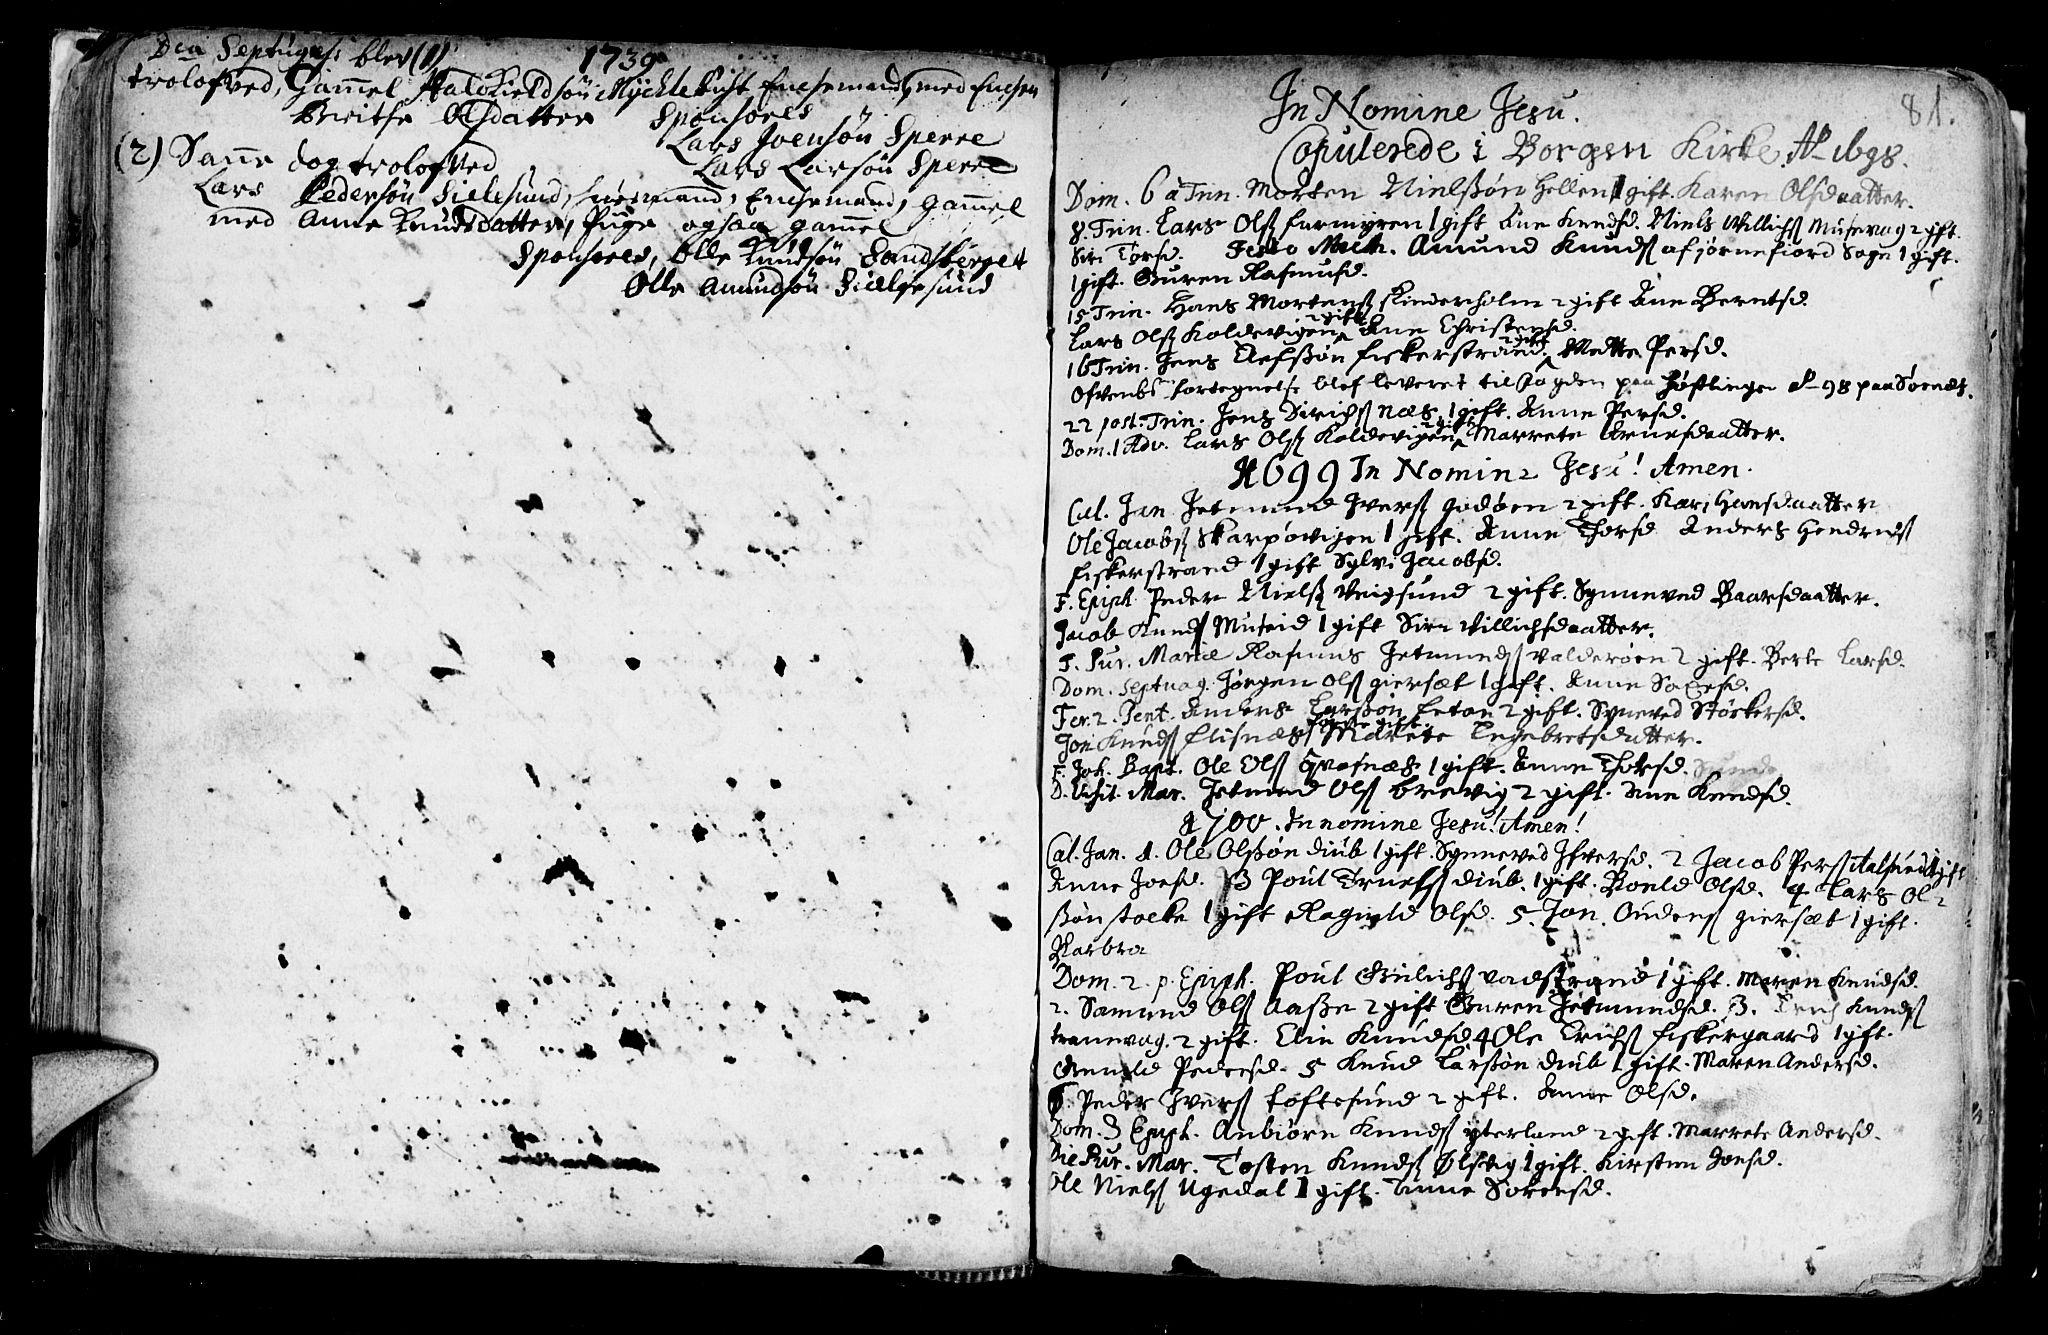 SAT, Ministerialprotokoller, klokkerbøker og fødselsregistre - Møre og Romsdal, 528/L0390: Ministerialbok nr. 528A01, 1698-1739, s. 80-81